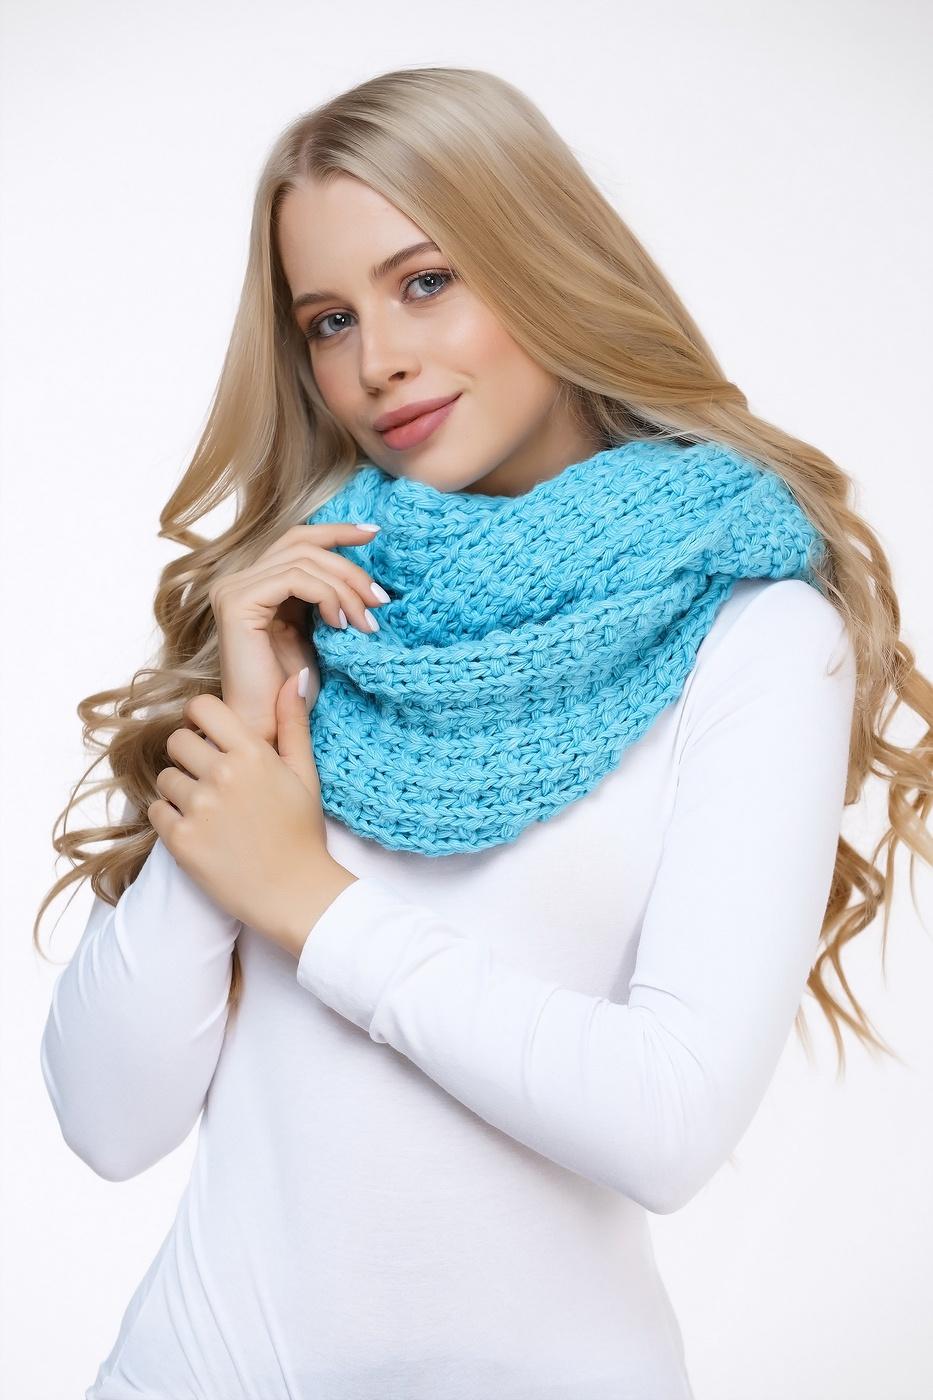 как носить шарф хомут зимой фото своеобразный обмен